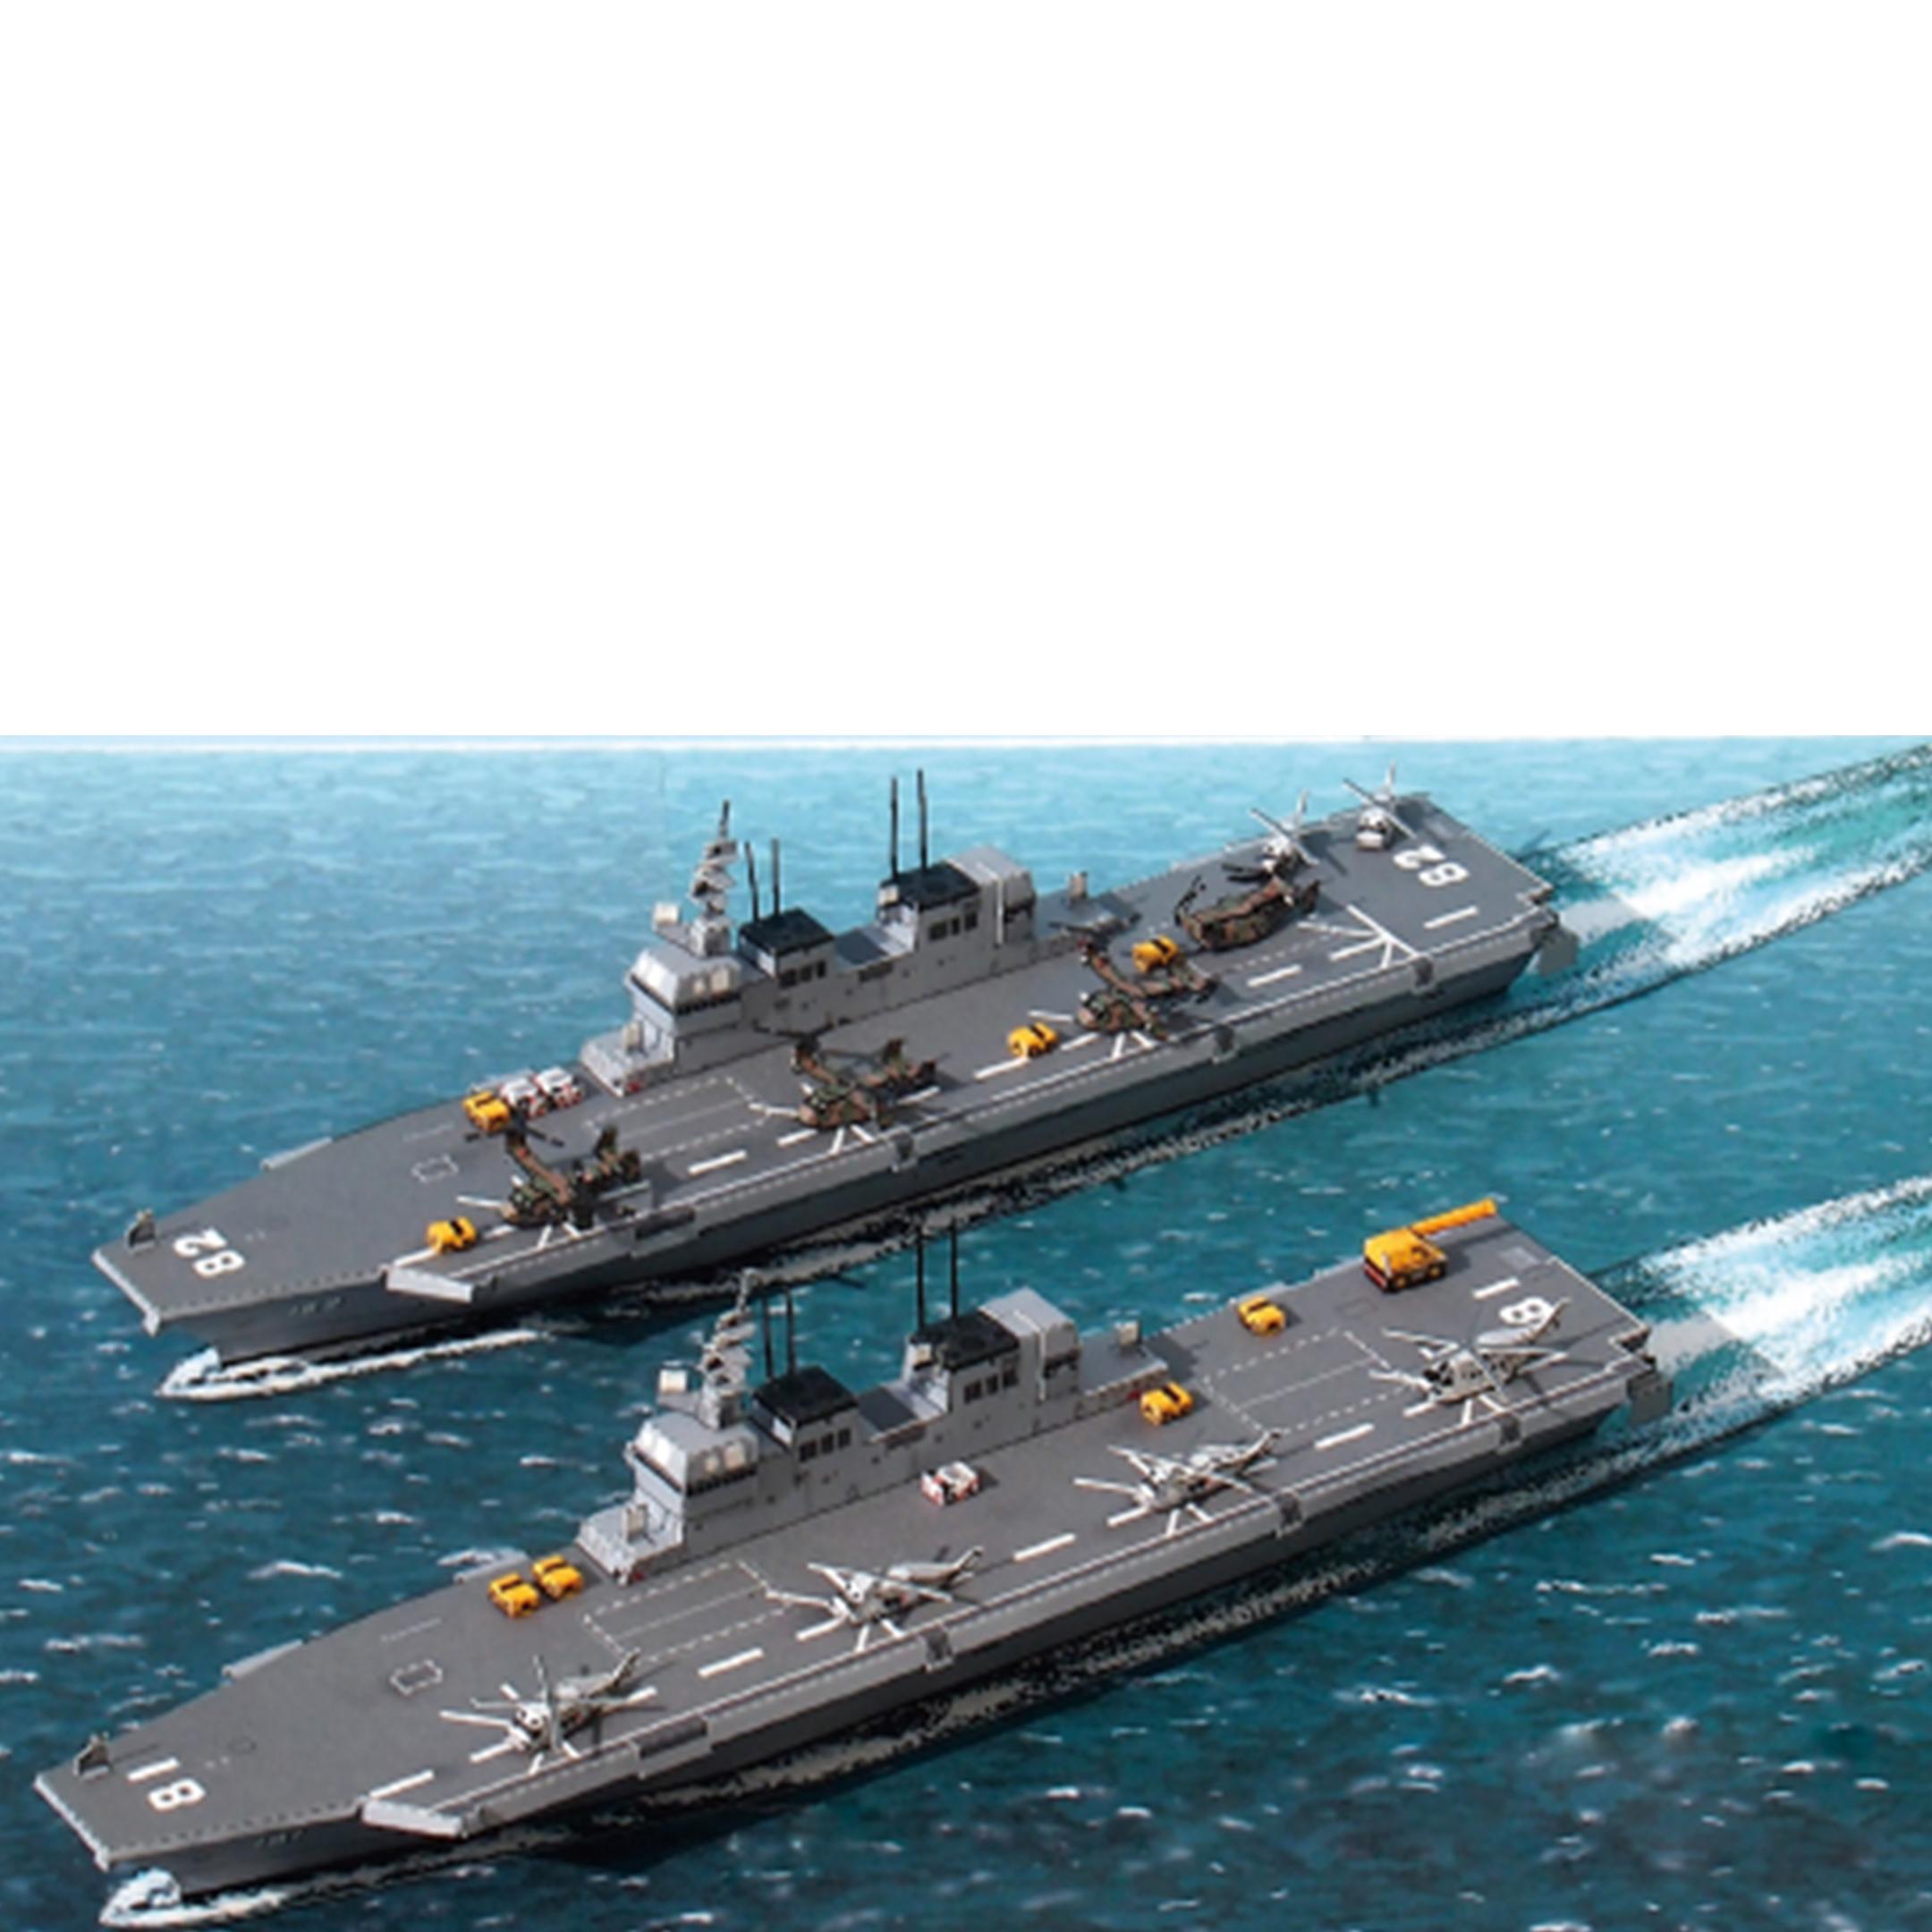 海上自衛隊のヘリコプター搭載護衛艦ひゅうが型を1 高品質新品 新作続 900スケールでペーパークラフトキットにしました 夏休みの自由研究や父の日の工作キットギフトにも最適です 送料無料 ファセット ペーパークラフト 海上自衛隊 ヘリコプター搭載護衛艦ひゅうが型 A4サイズ 1 代引き未対応 パイングローバル メール便発送 日本製 PineGlobal 900